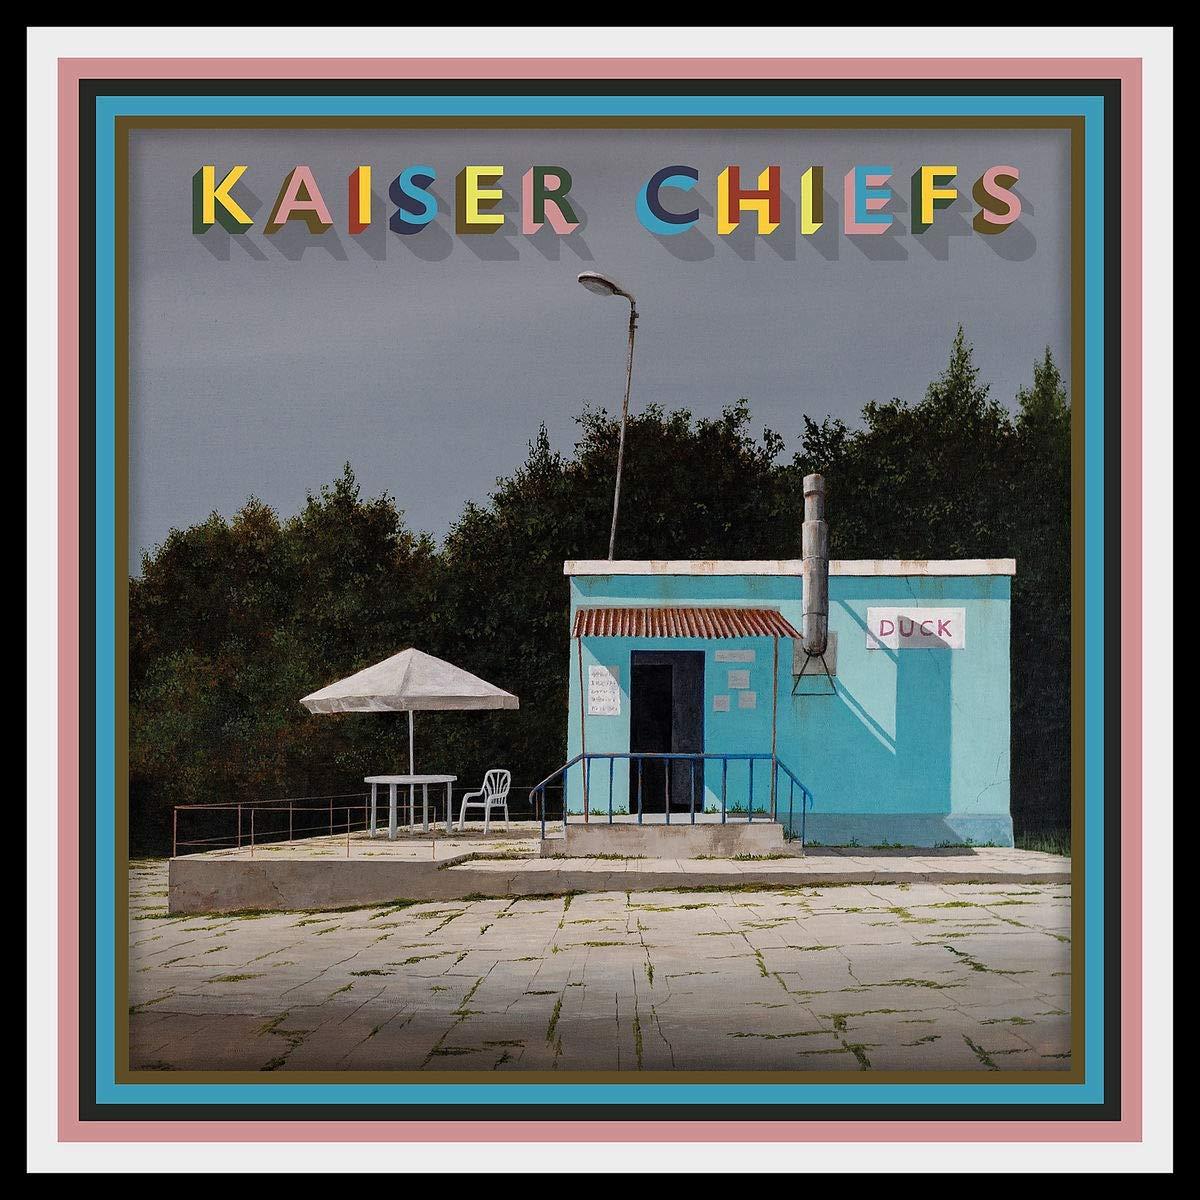 Kaiser Chiefs - Duck Vinyl LP